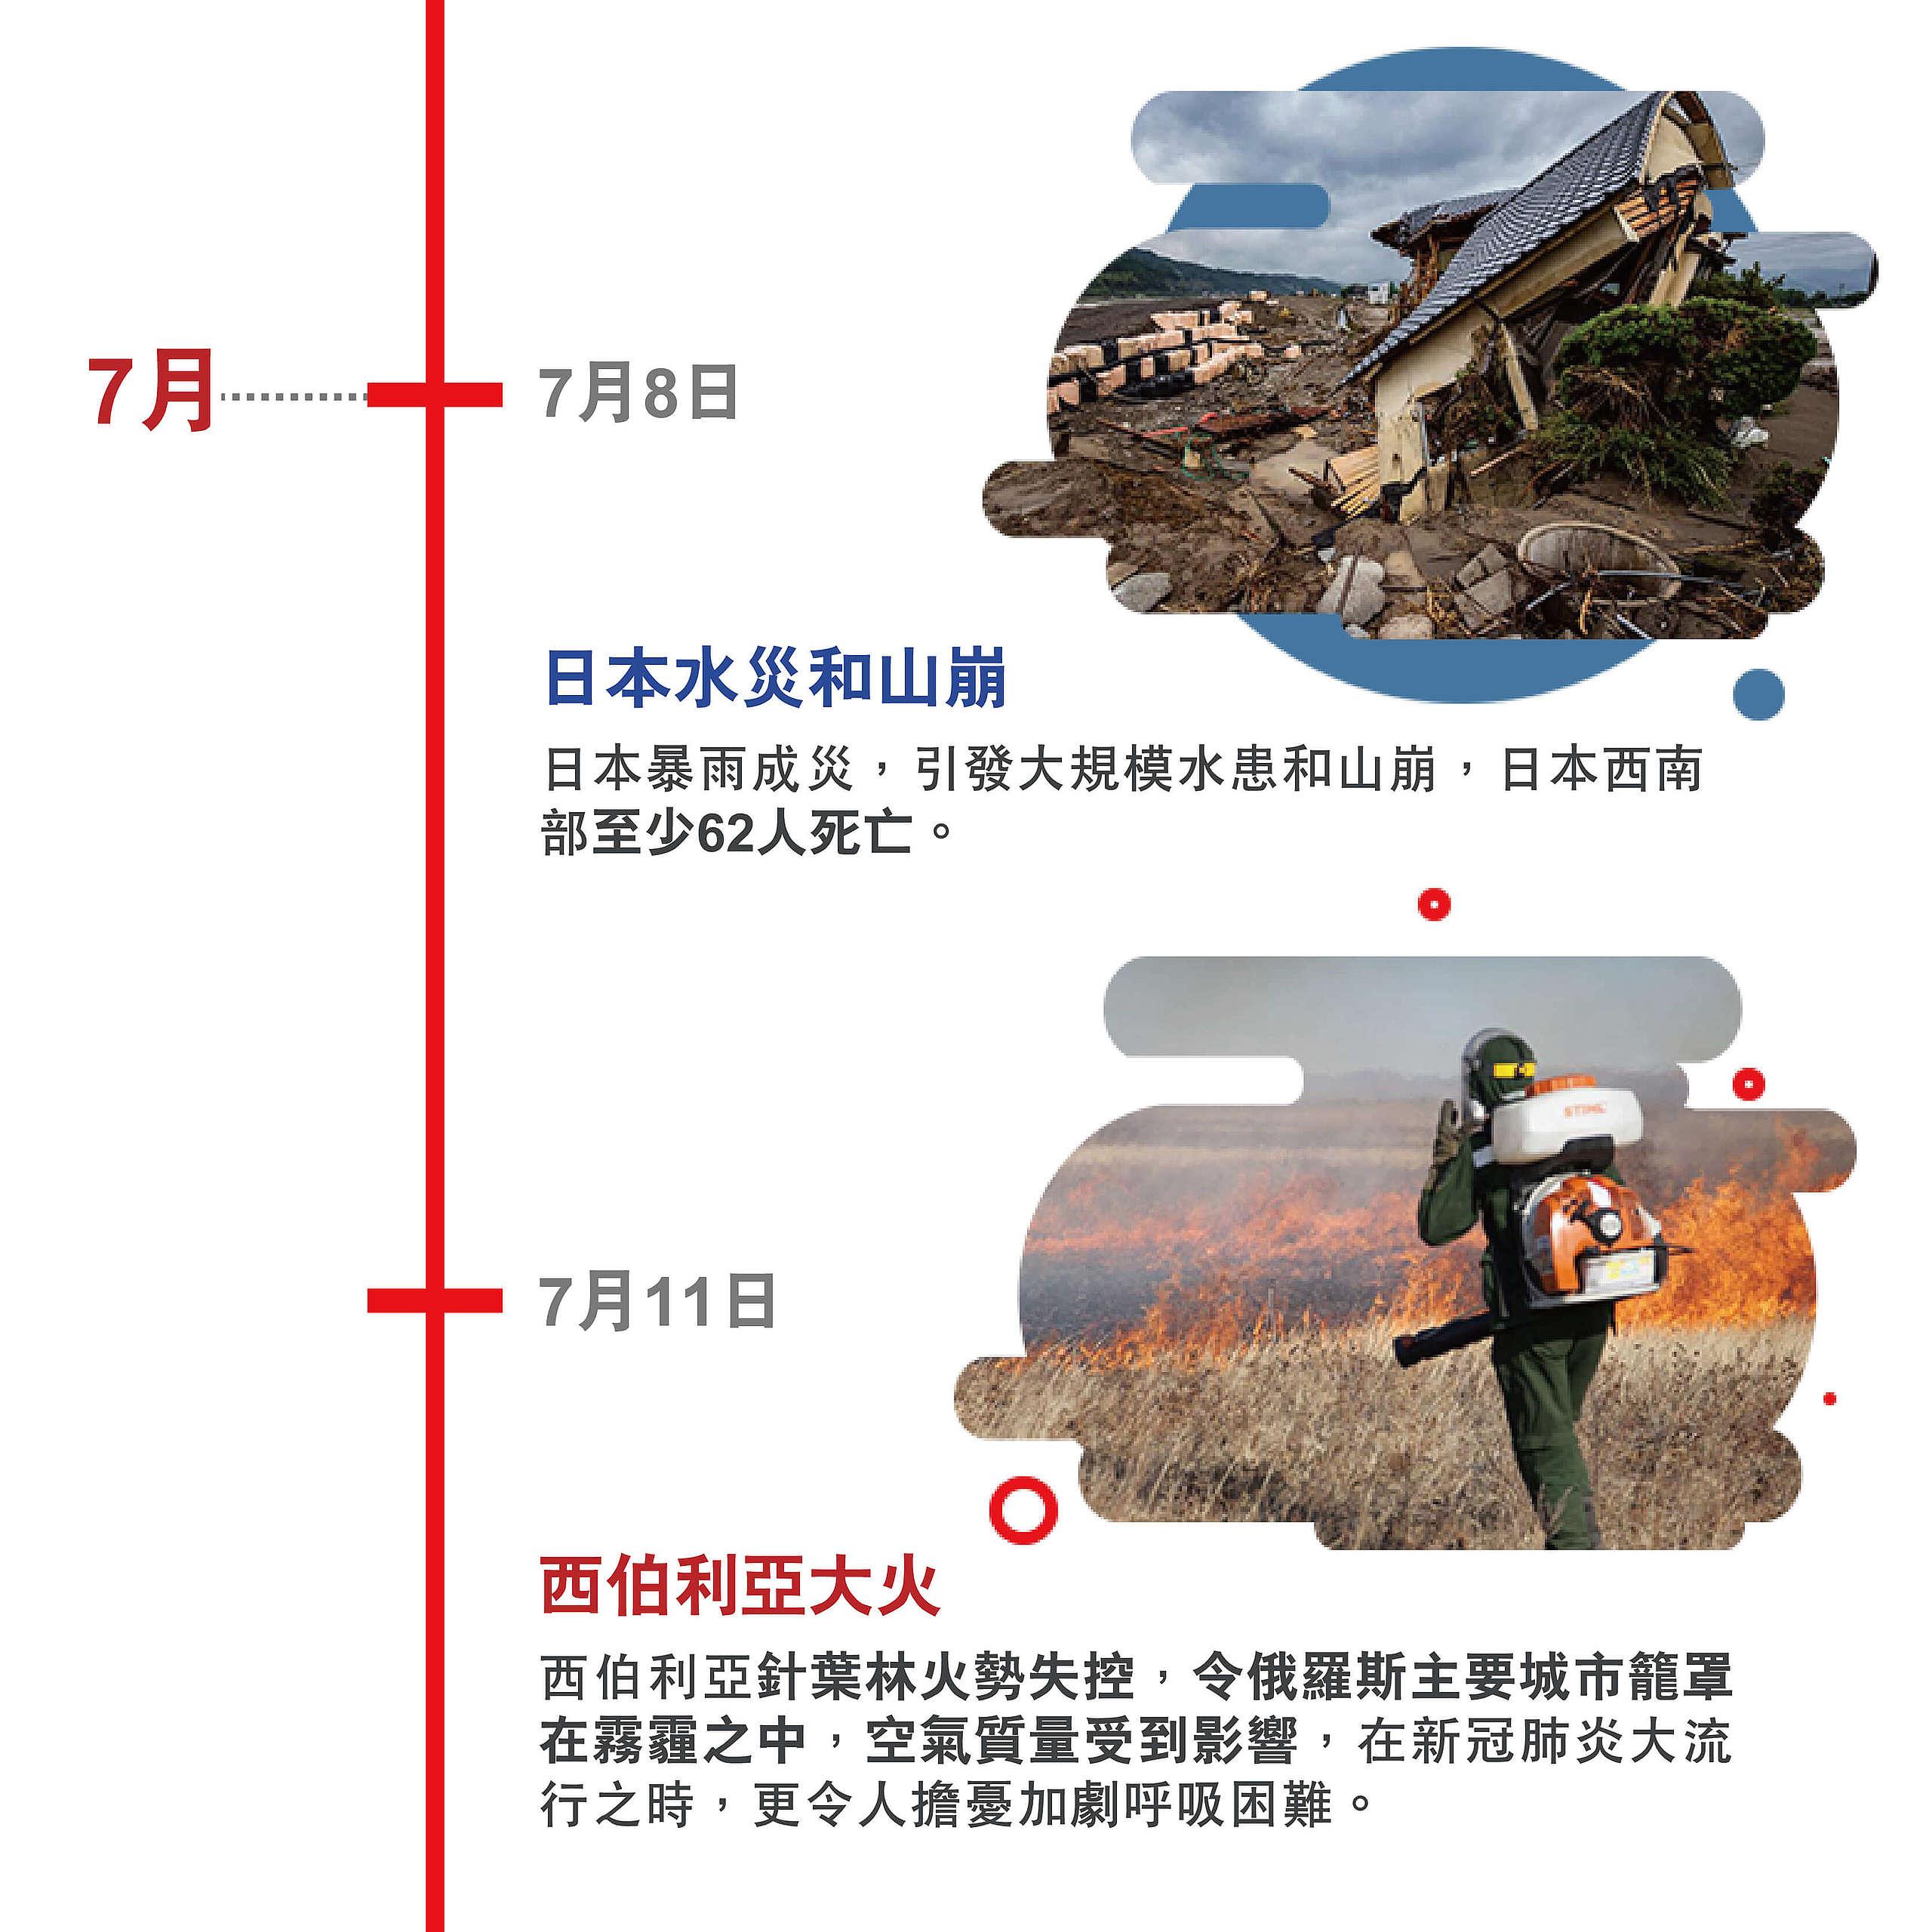 日本水災和山崩 日本暴雨成災,引發大規模水患和山崩,日本西南部至少62人死亡。 西伯利亞大火 西伯利亞針葉林火勢失控,令俄羅斯主要城市籠罩在霧霾之中,空氣質量受到影響,在新冠肺炎大流行之時,更令人擔憂加劇呼吸困難。